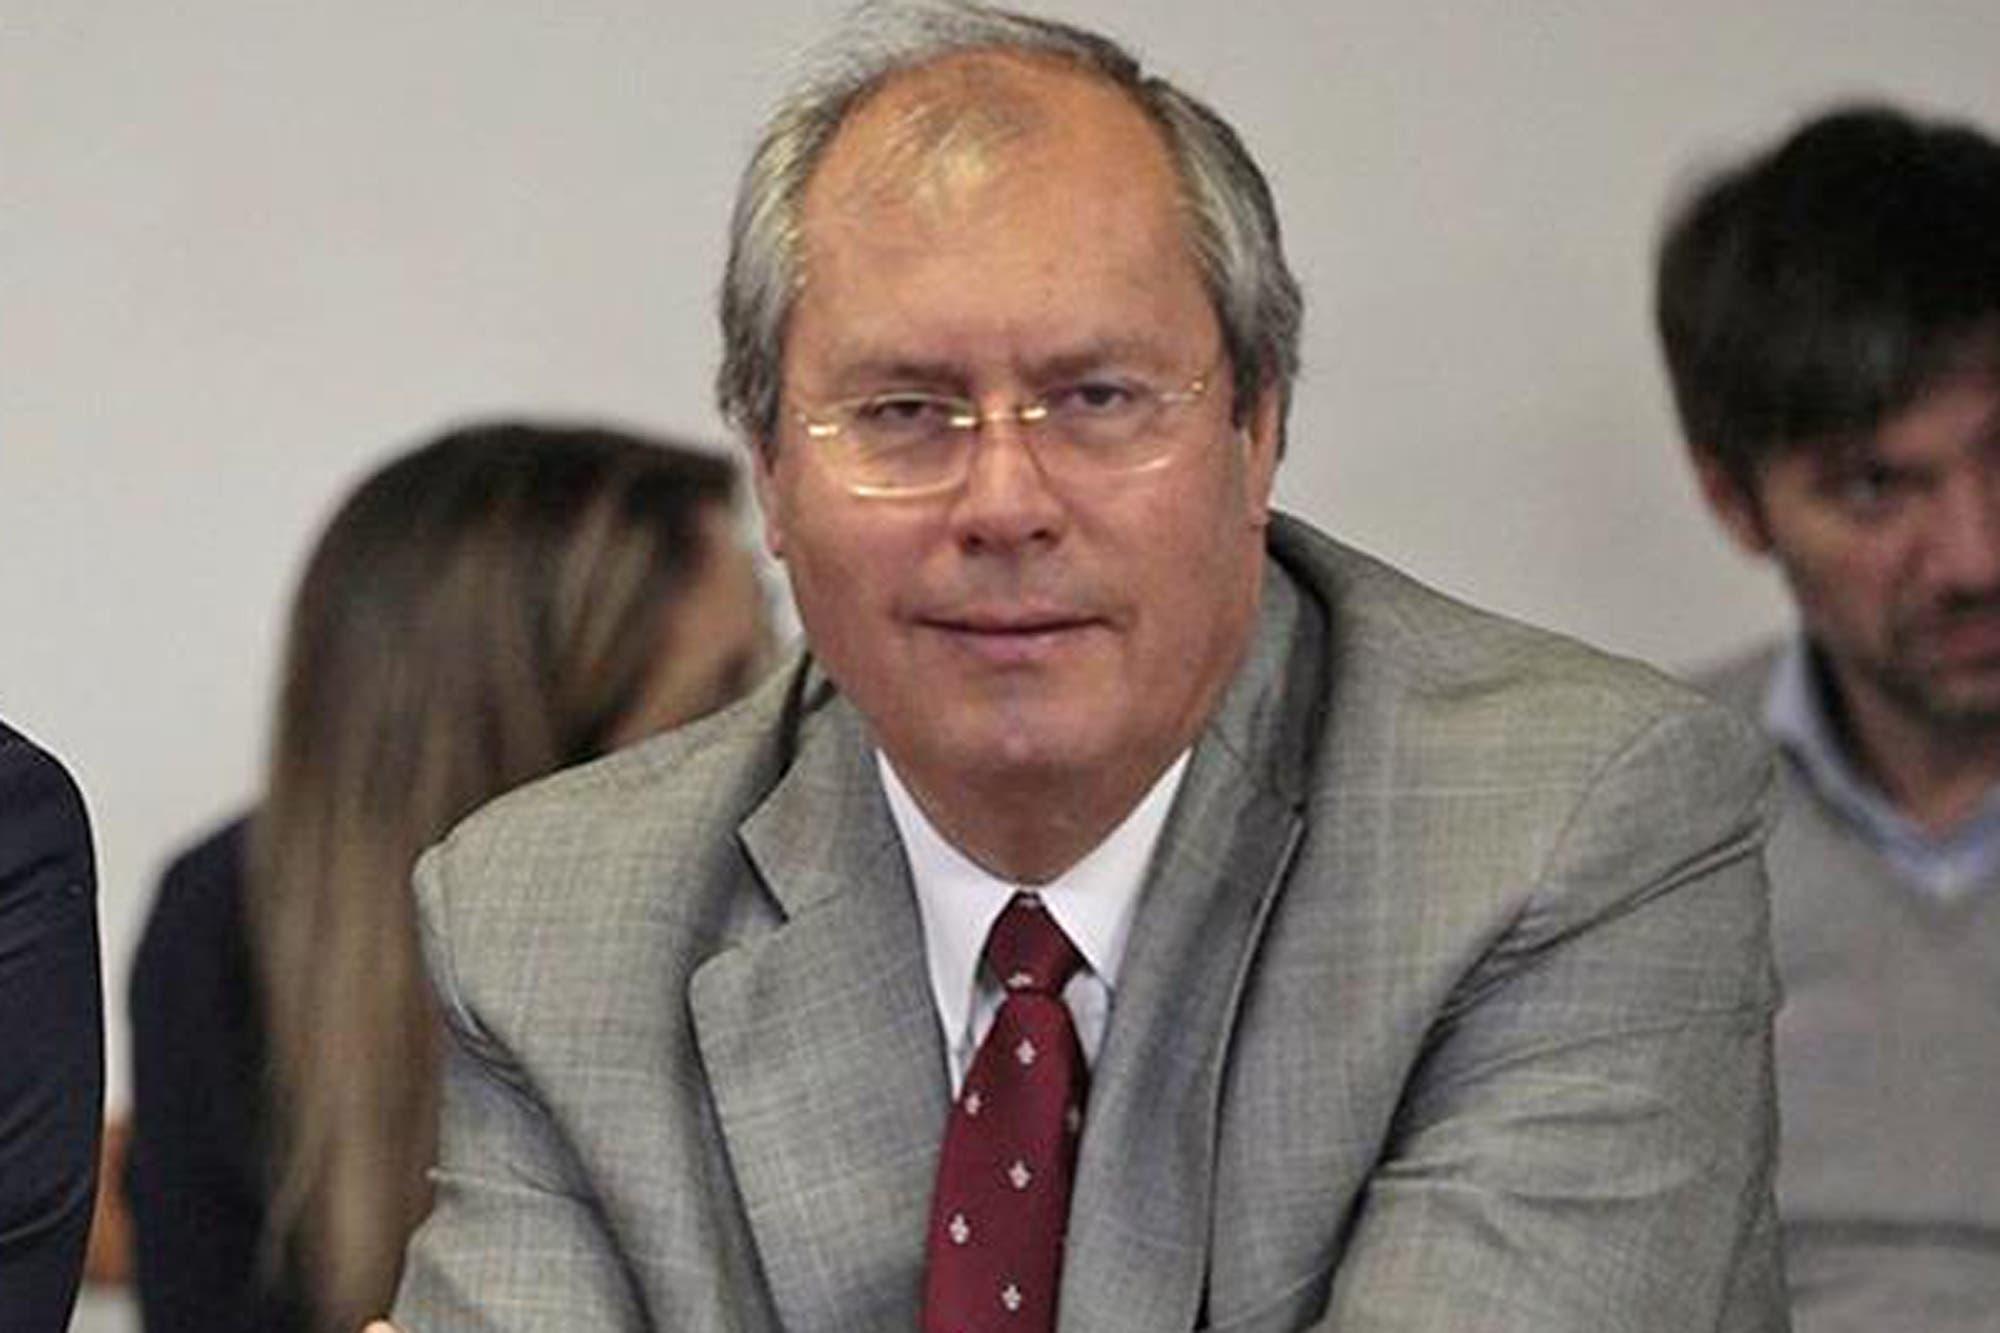 Murió el diputado Héctor Olivares, baleado el jueves frente al Congreso